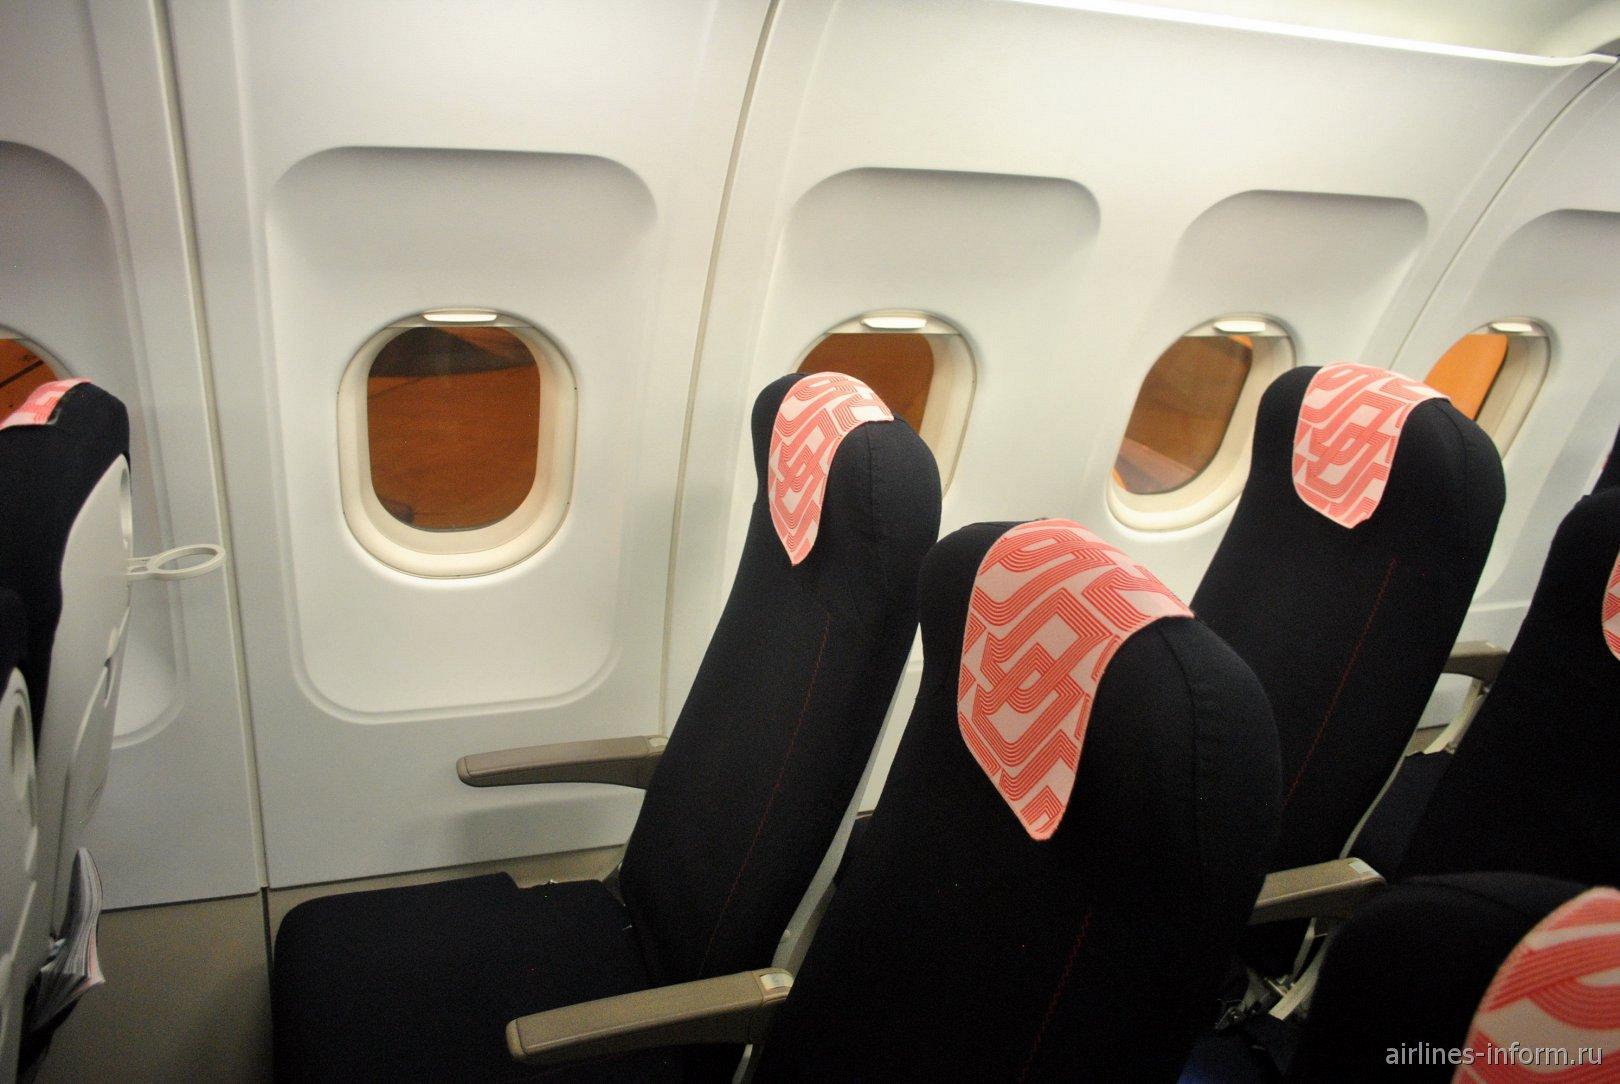 Пассажирские места в самолете Airbus A318 авиакомпании Air France